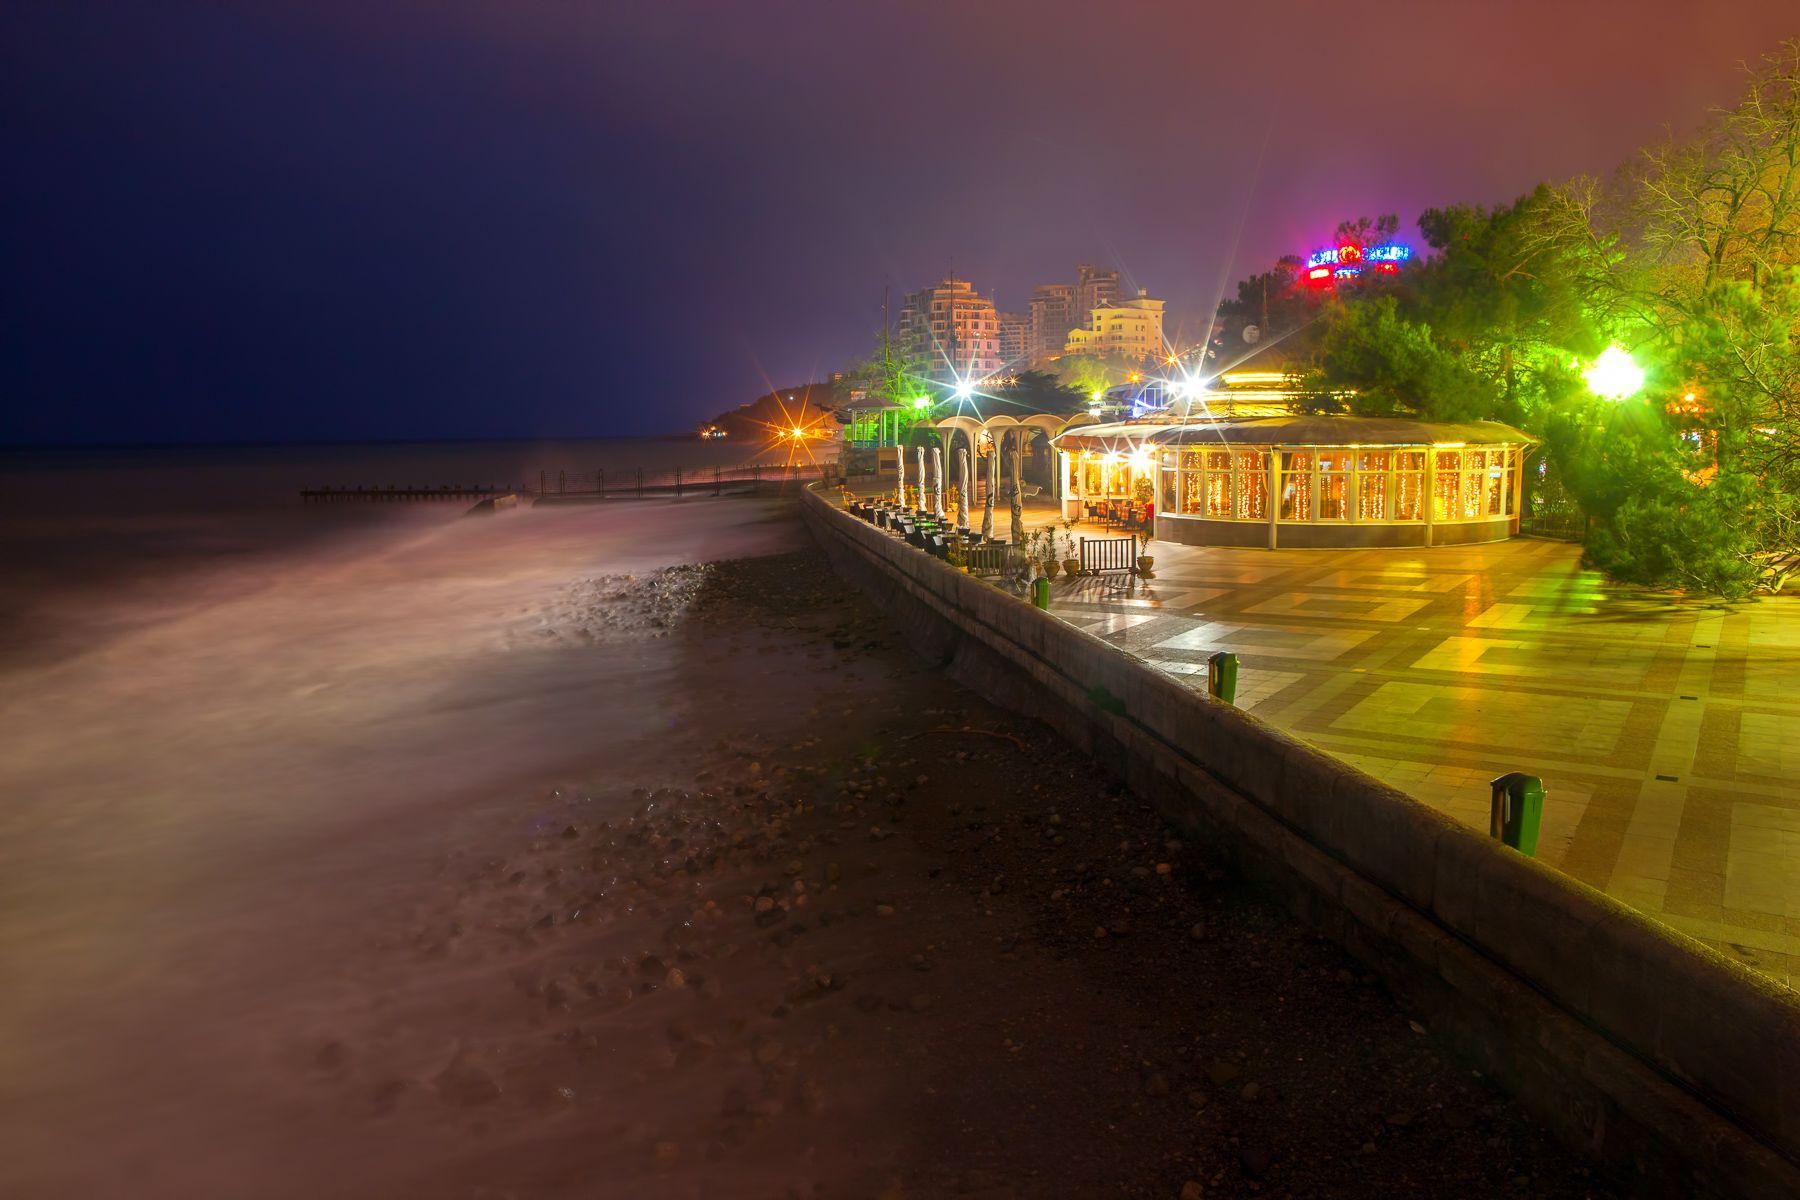 Ялтинская Набережная Ялта Набережная Крым Ночь Ореанда курорт Пейзажи Крыма ночная